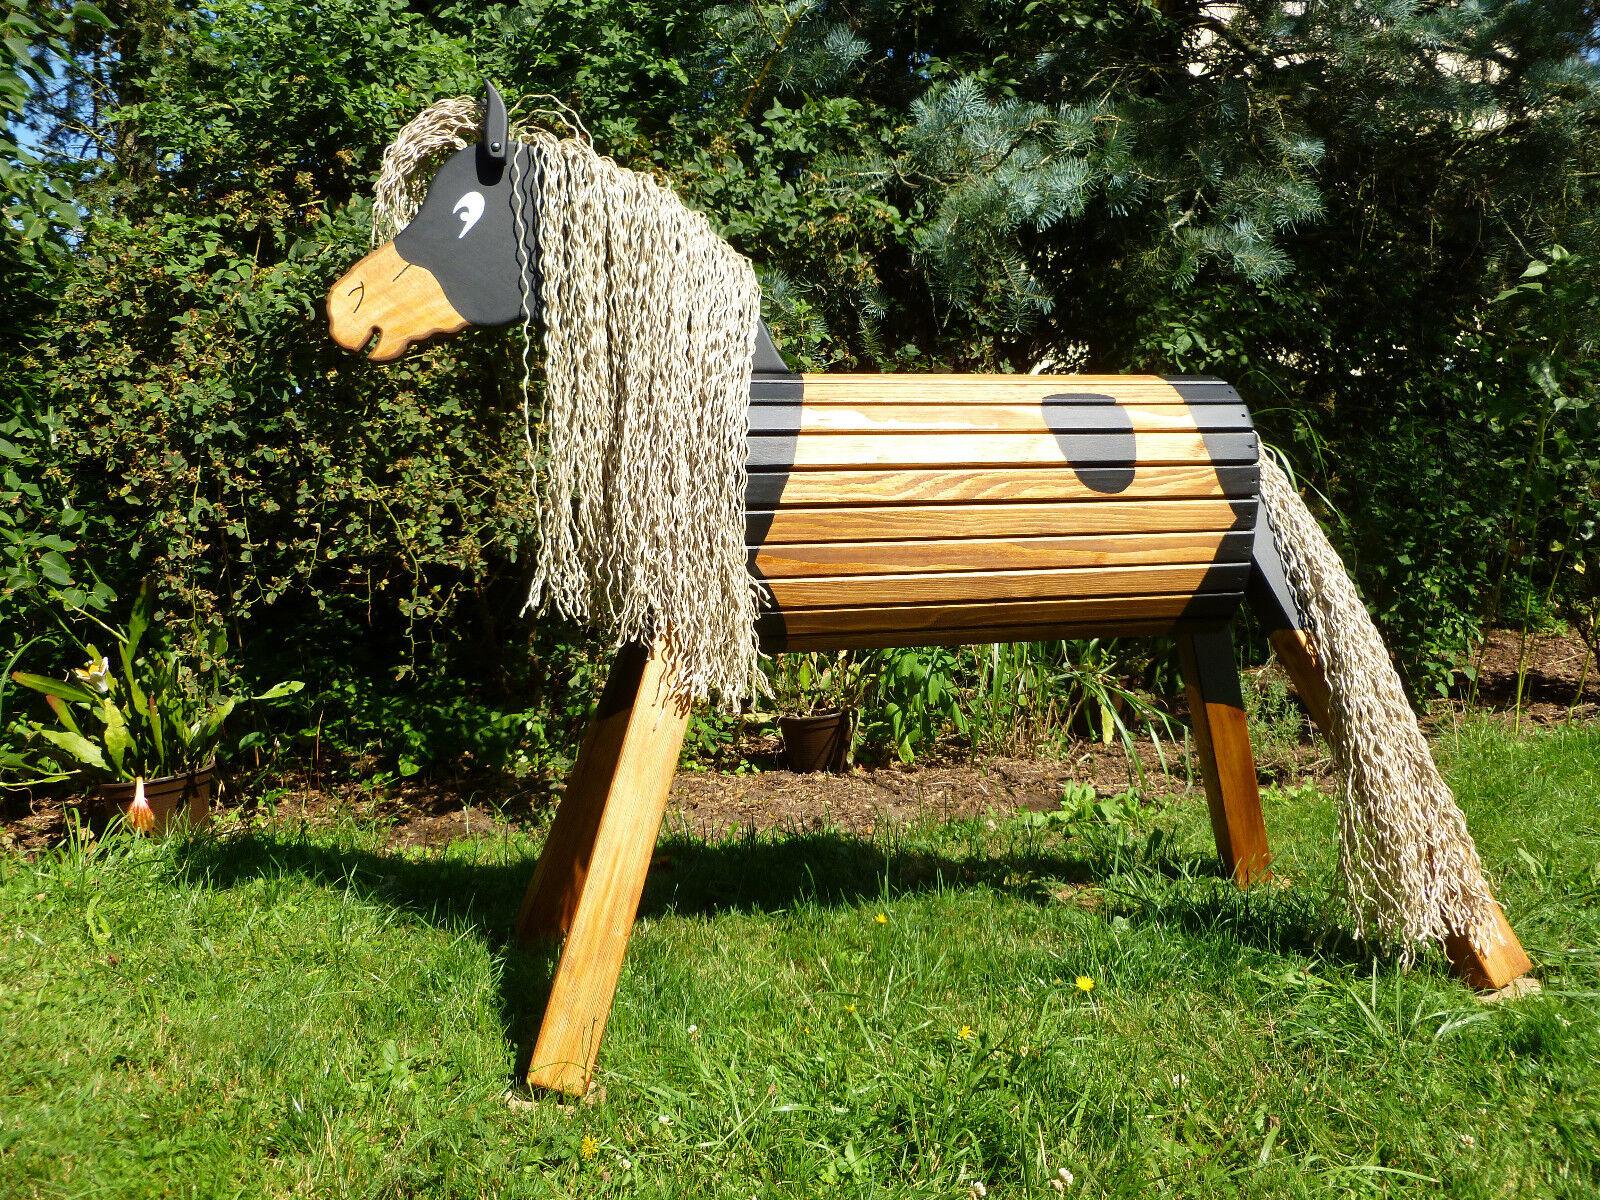 80cm Holzpferd Donner Holzpony Voltigierpferd Spielpferd Pferd  wetterfest NEU